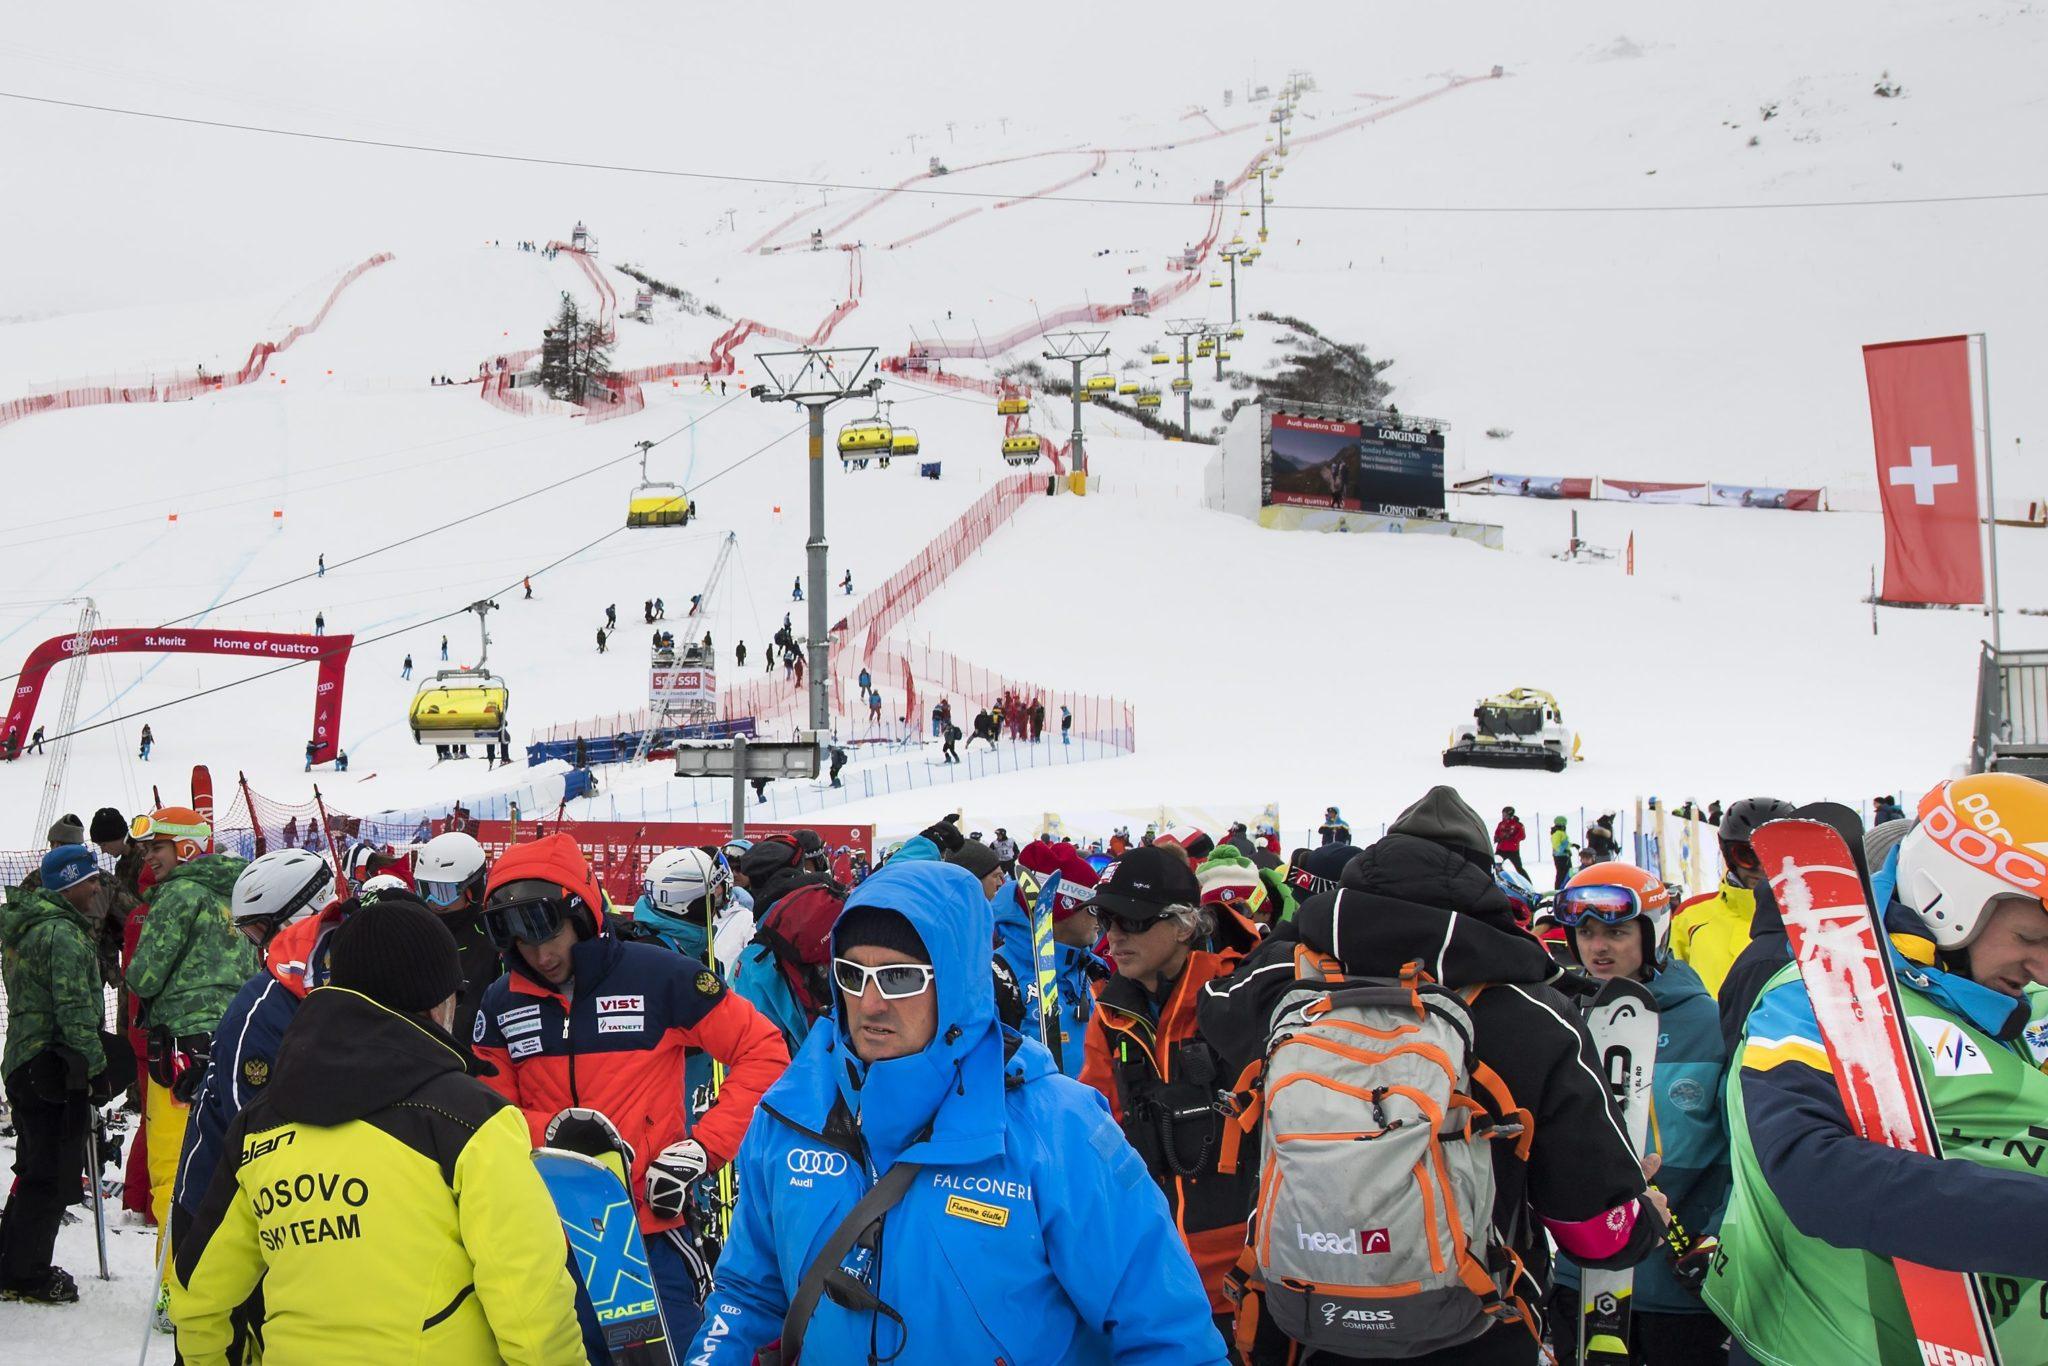 Szwajcaria: zawody pucharu świata w narciarstwie alpejskim w St. Moritz (foto. PAP/EPA/JEAN-CHRISTOPHE BOTT)